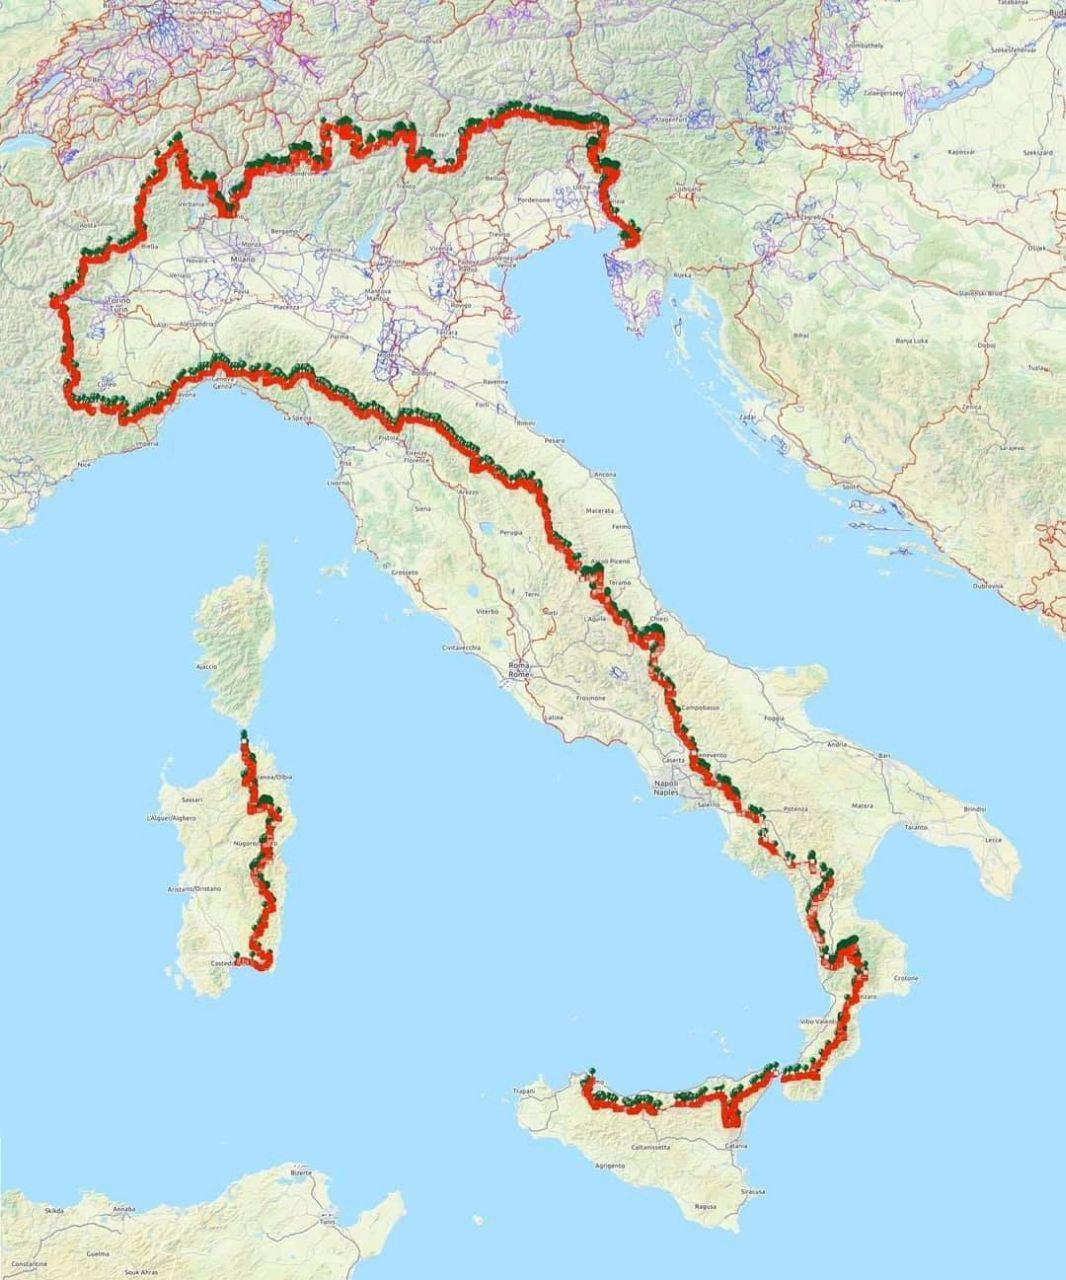 Il sentiero Italia: Cammina per il BelPaese!